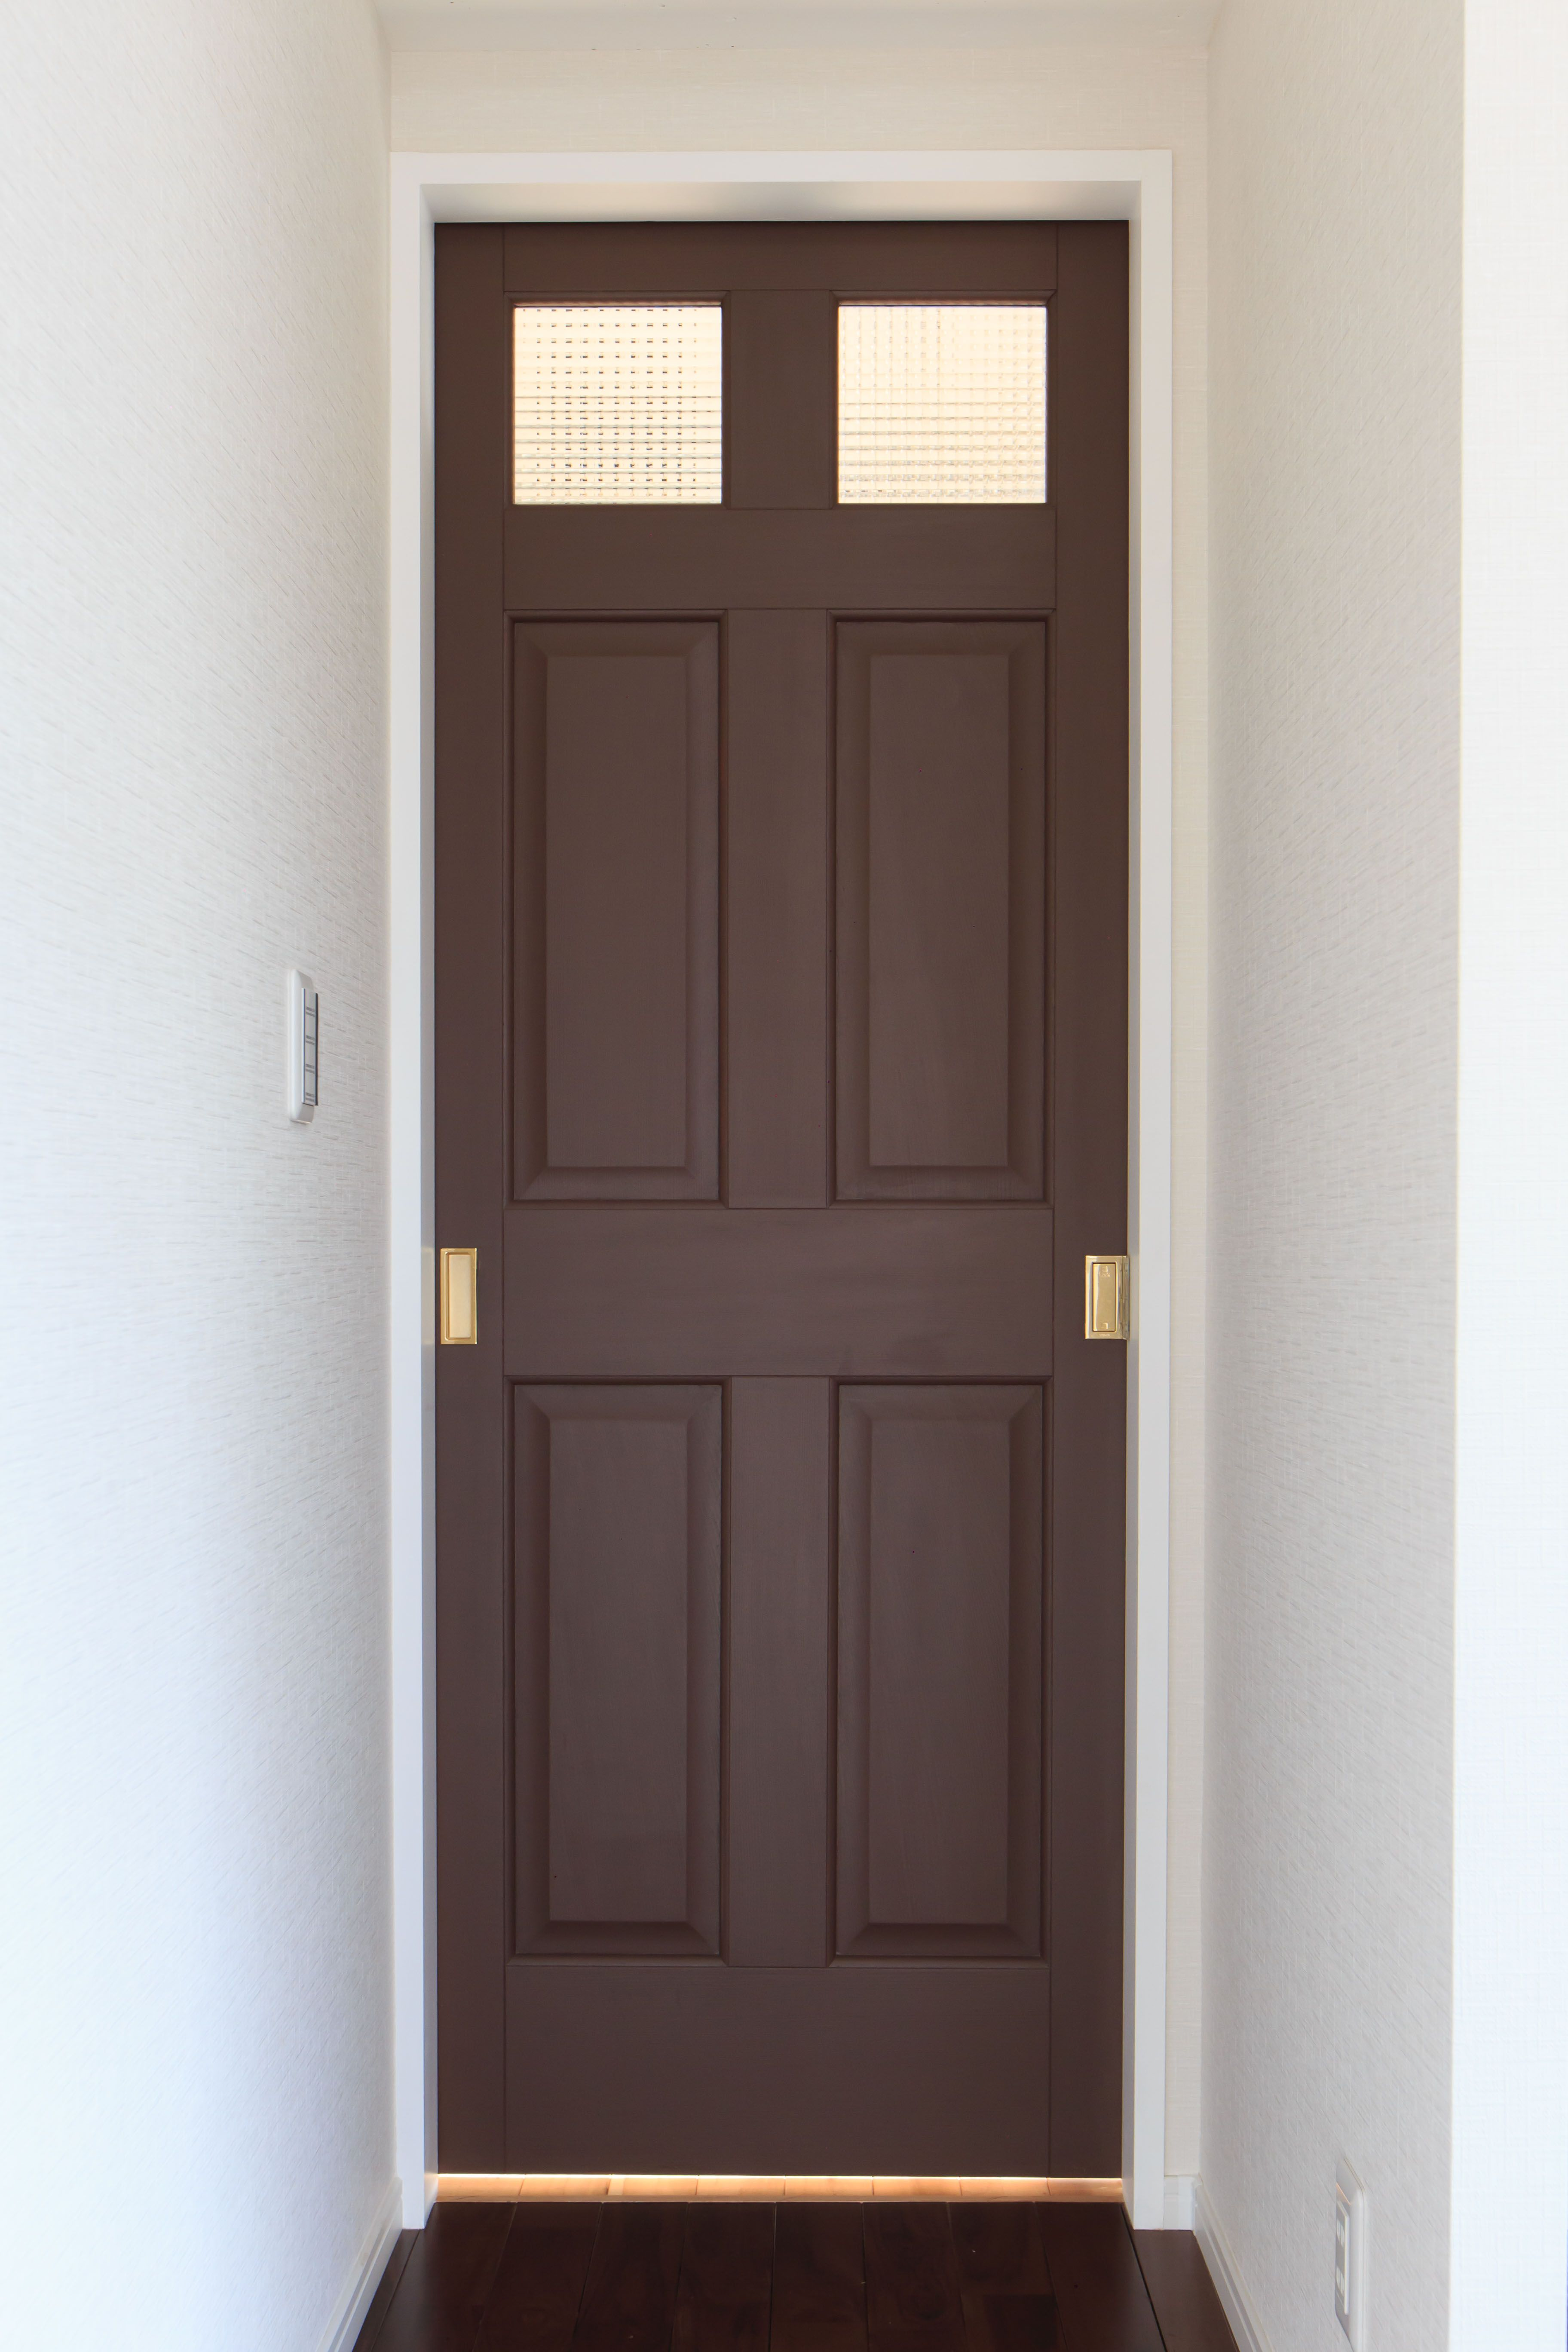 茶色の扉でシックでモダンな雰囲気に ドア モダン シック 扉